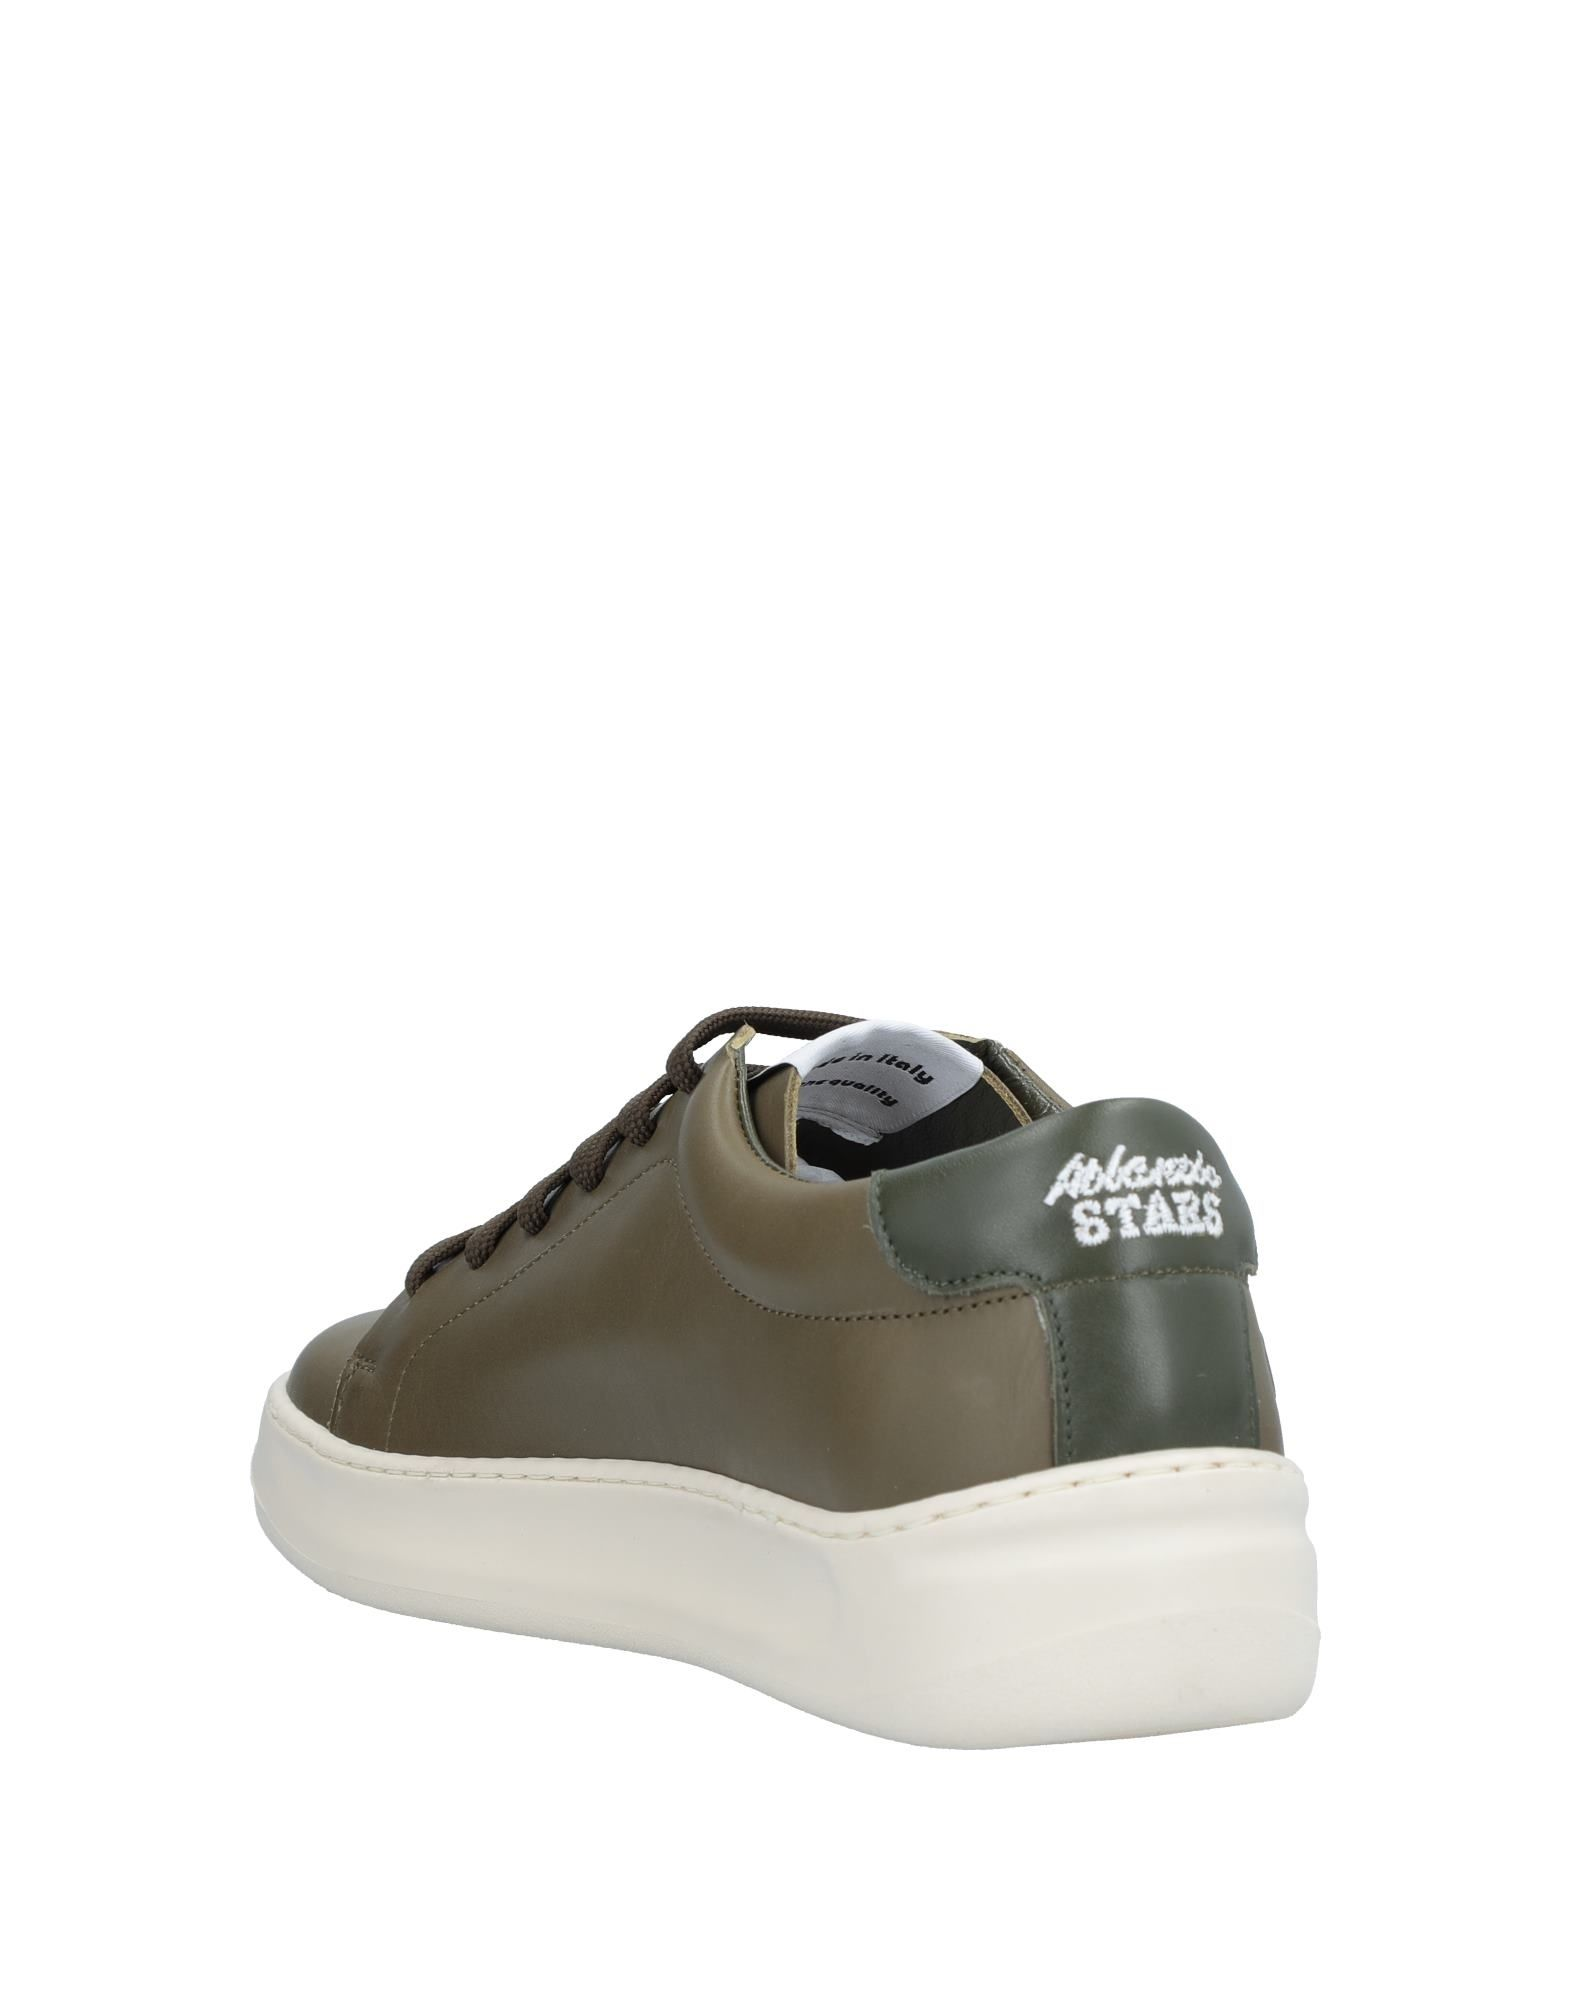 Atlantic Stars Sneakers Sneakers Sneakers - Men Atlantic Stars Sneakers online on  United Kingdom - 11524798VO 5b6ea0